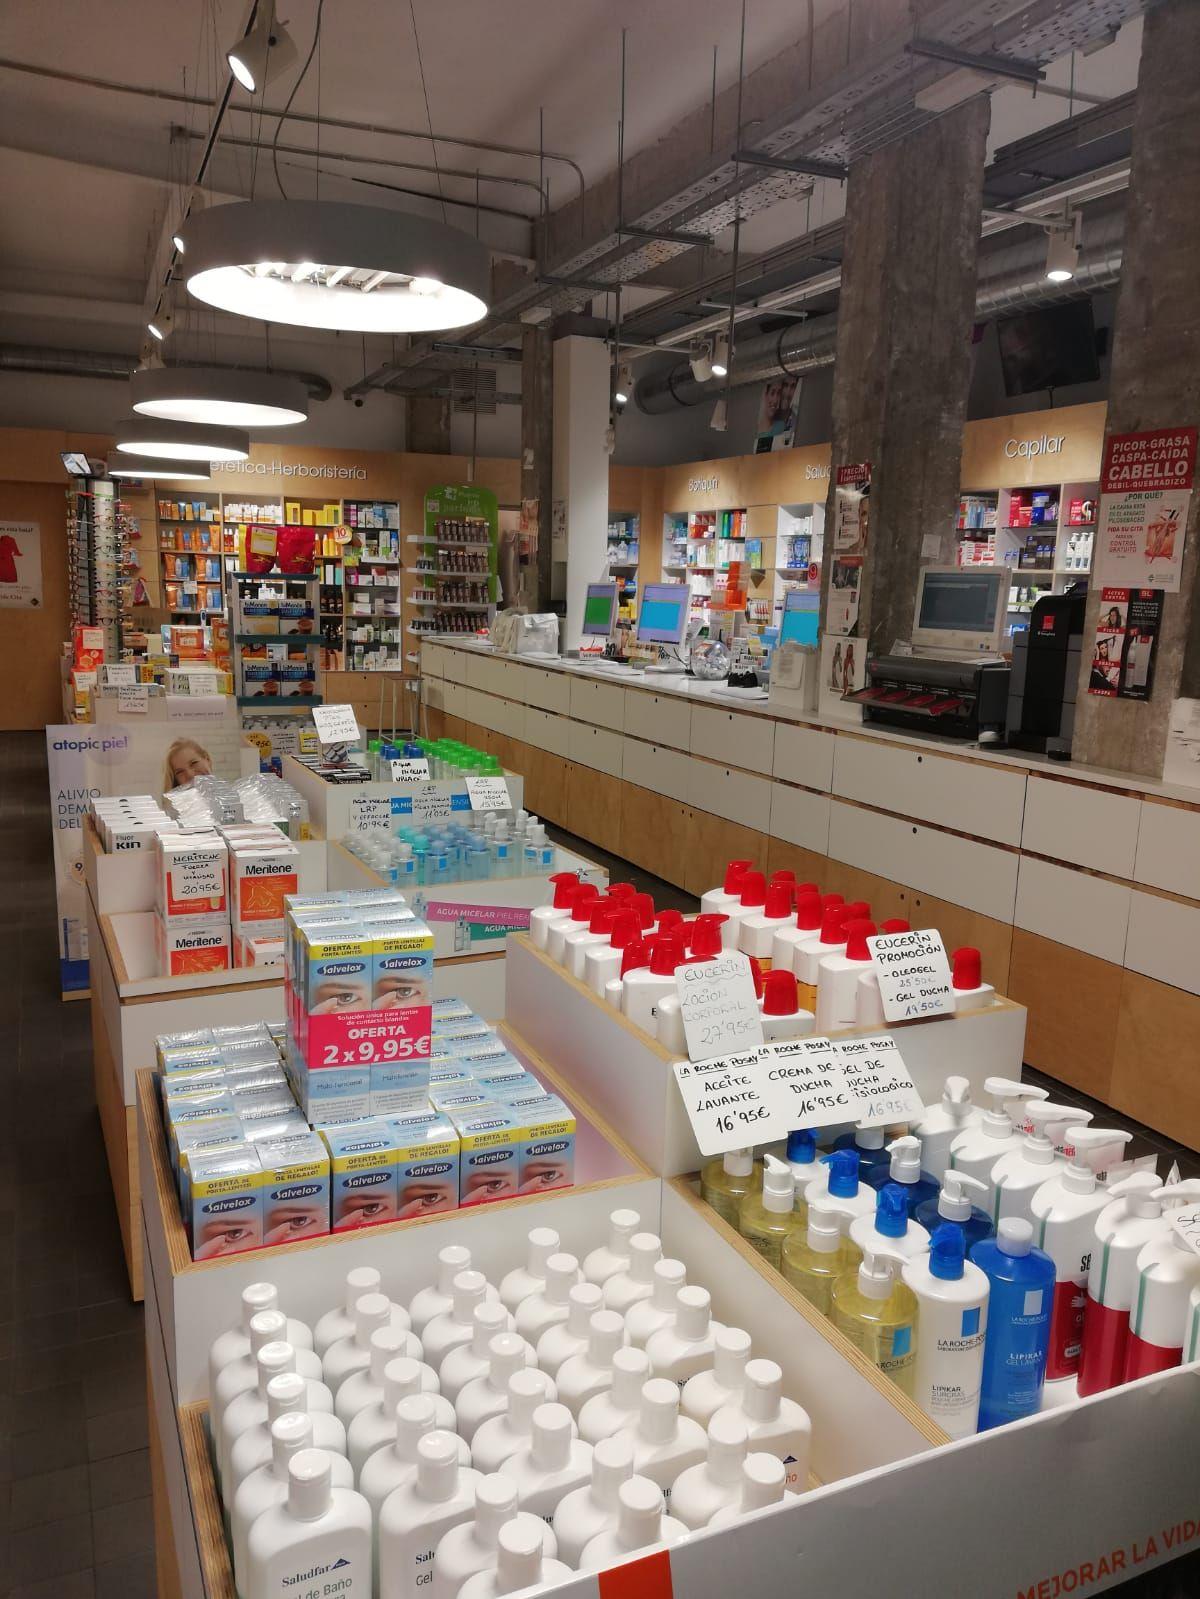 Productos de farmacia y parafarmacia a buenos precios